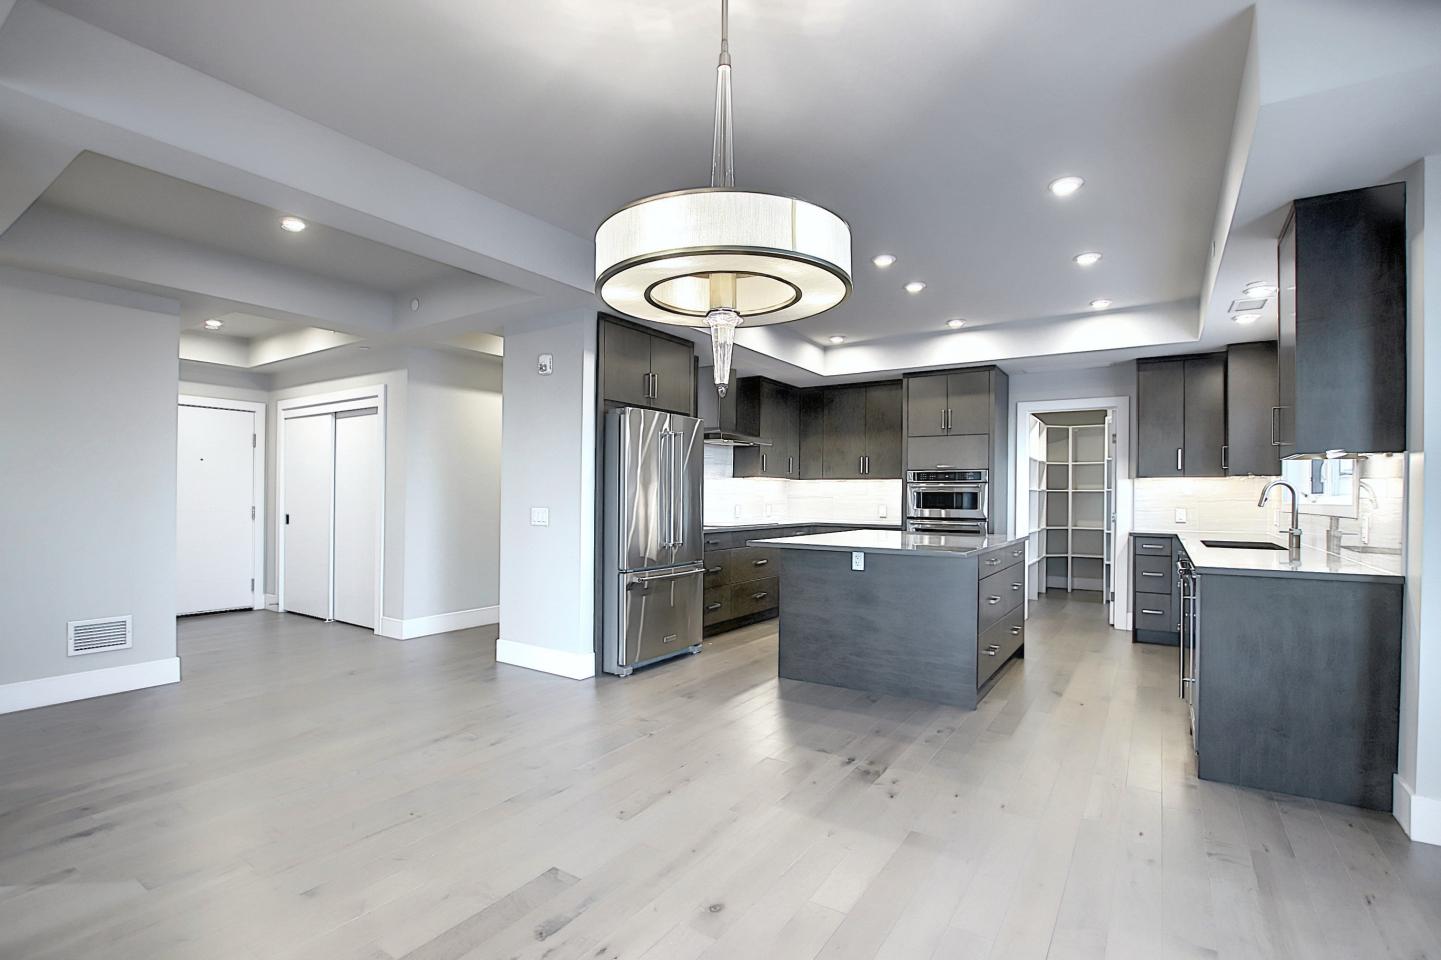 514, 12 Mahogany Path SE, Calgary, Alberta, 2 Bedrooms Bedrooms, ,2 BathroomsBathrooms,Condo,For Rent,Odyssey ,Mahogany Path SE,514,1103